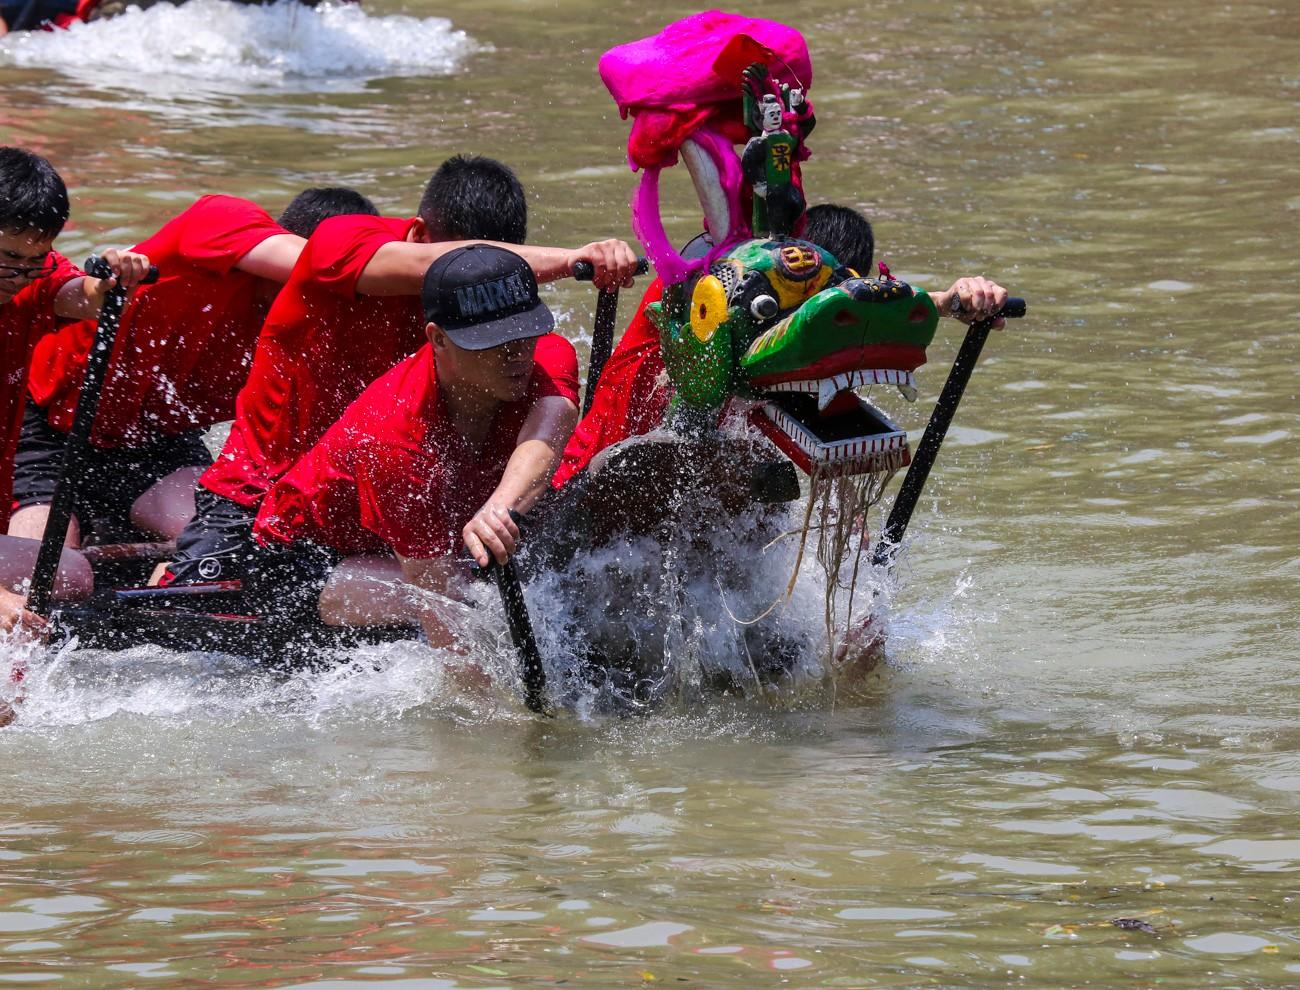 西溪龙舟文化节_图1-2